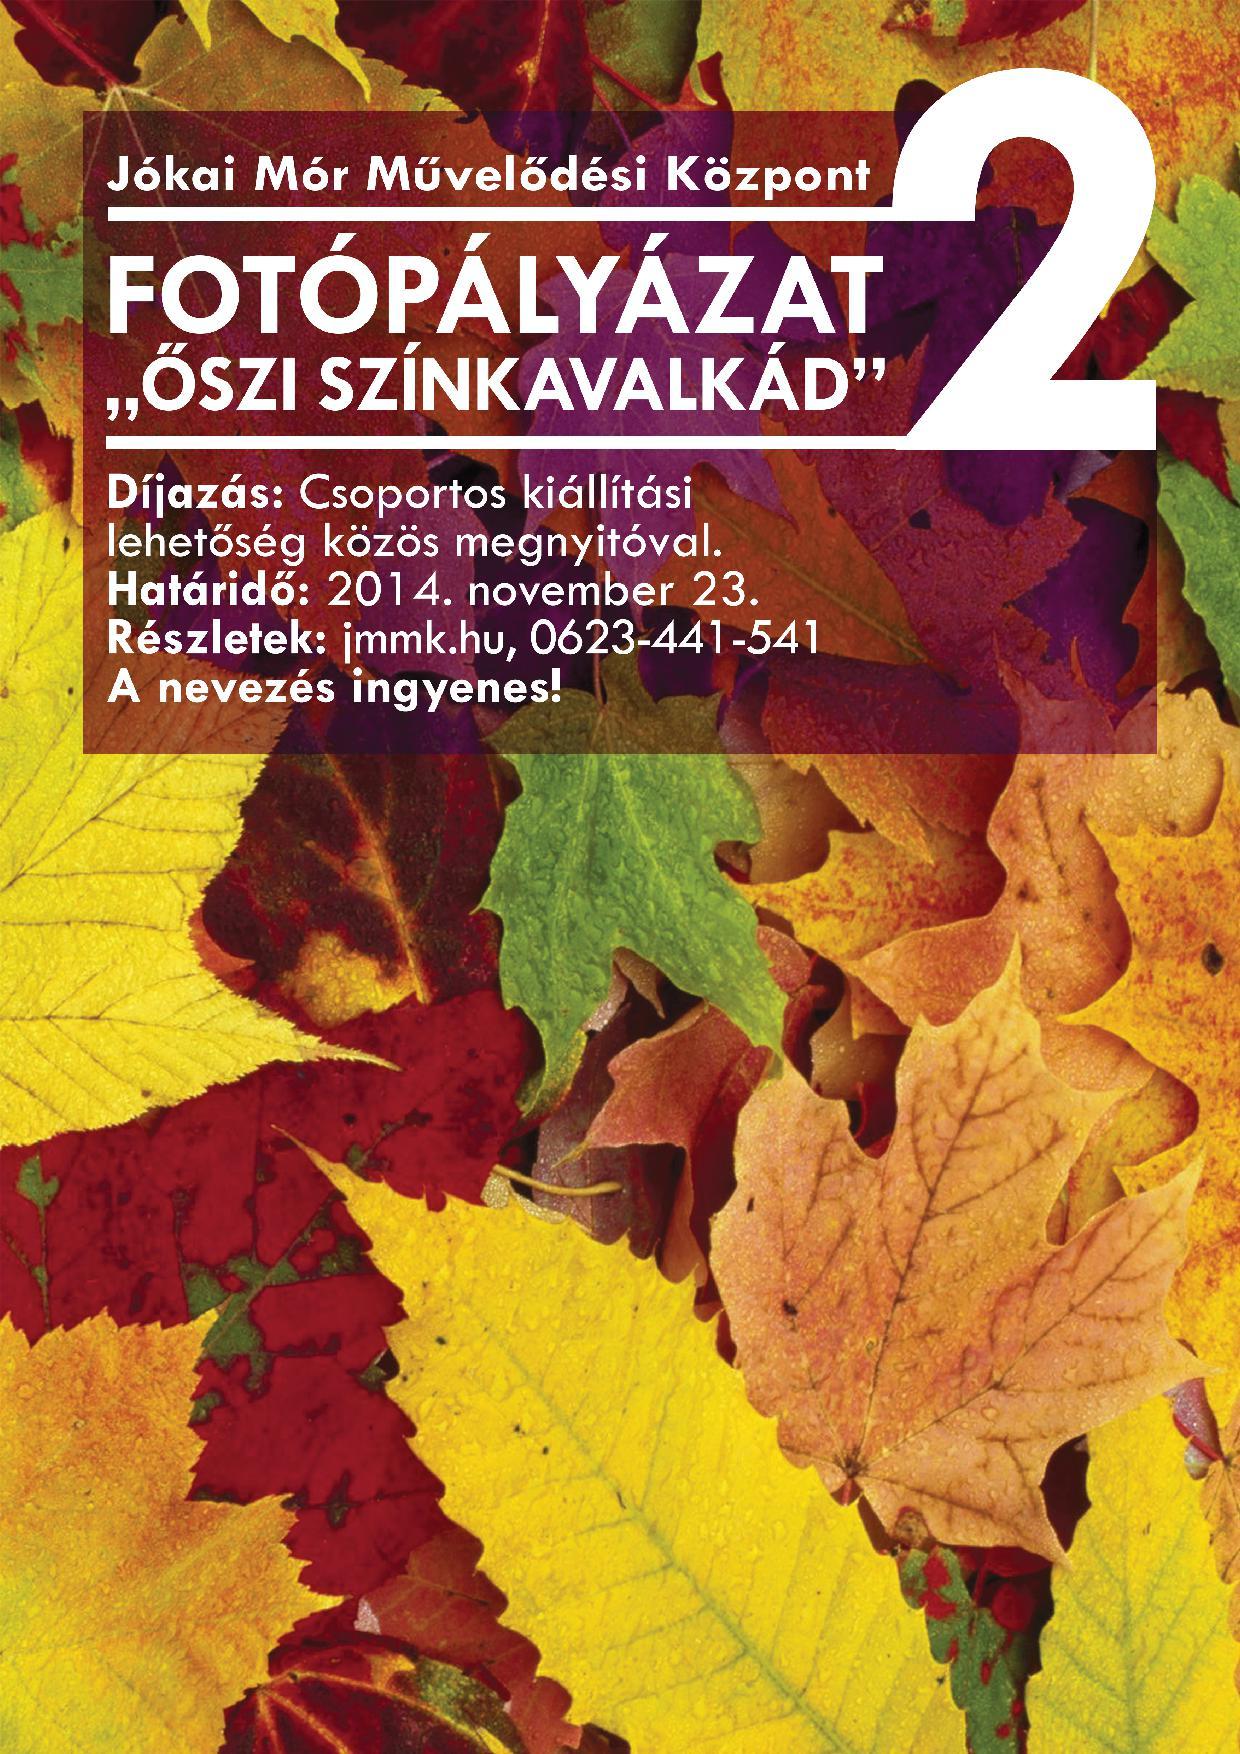 osziszin_fotopalyazat_print